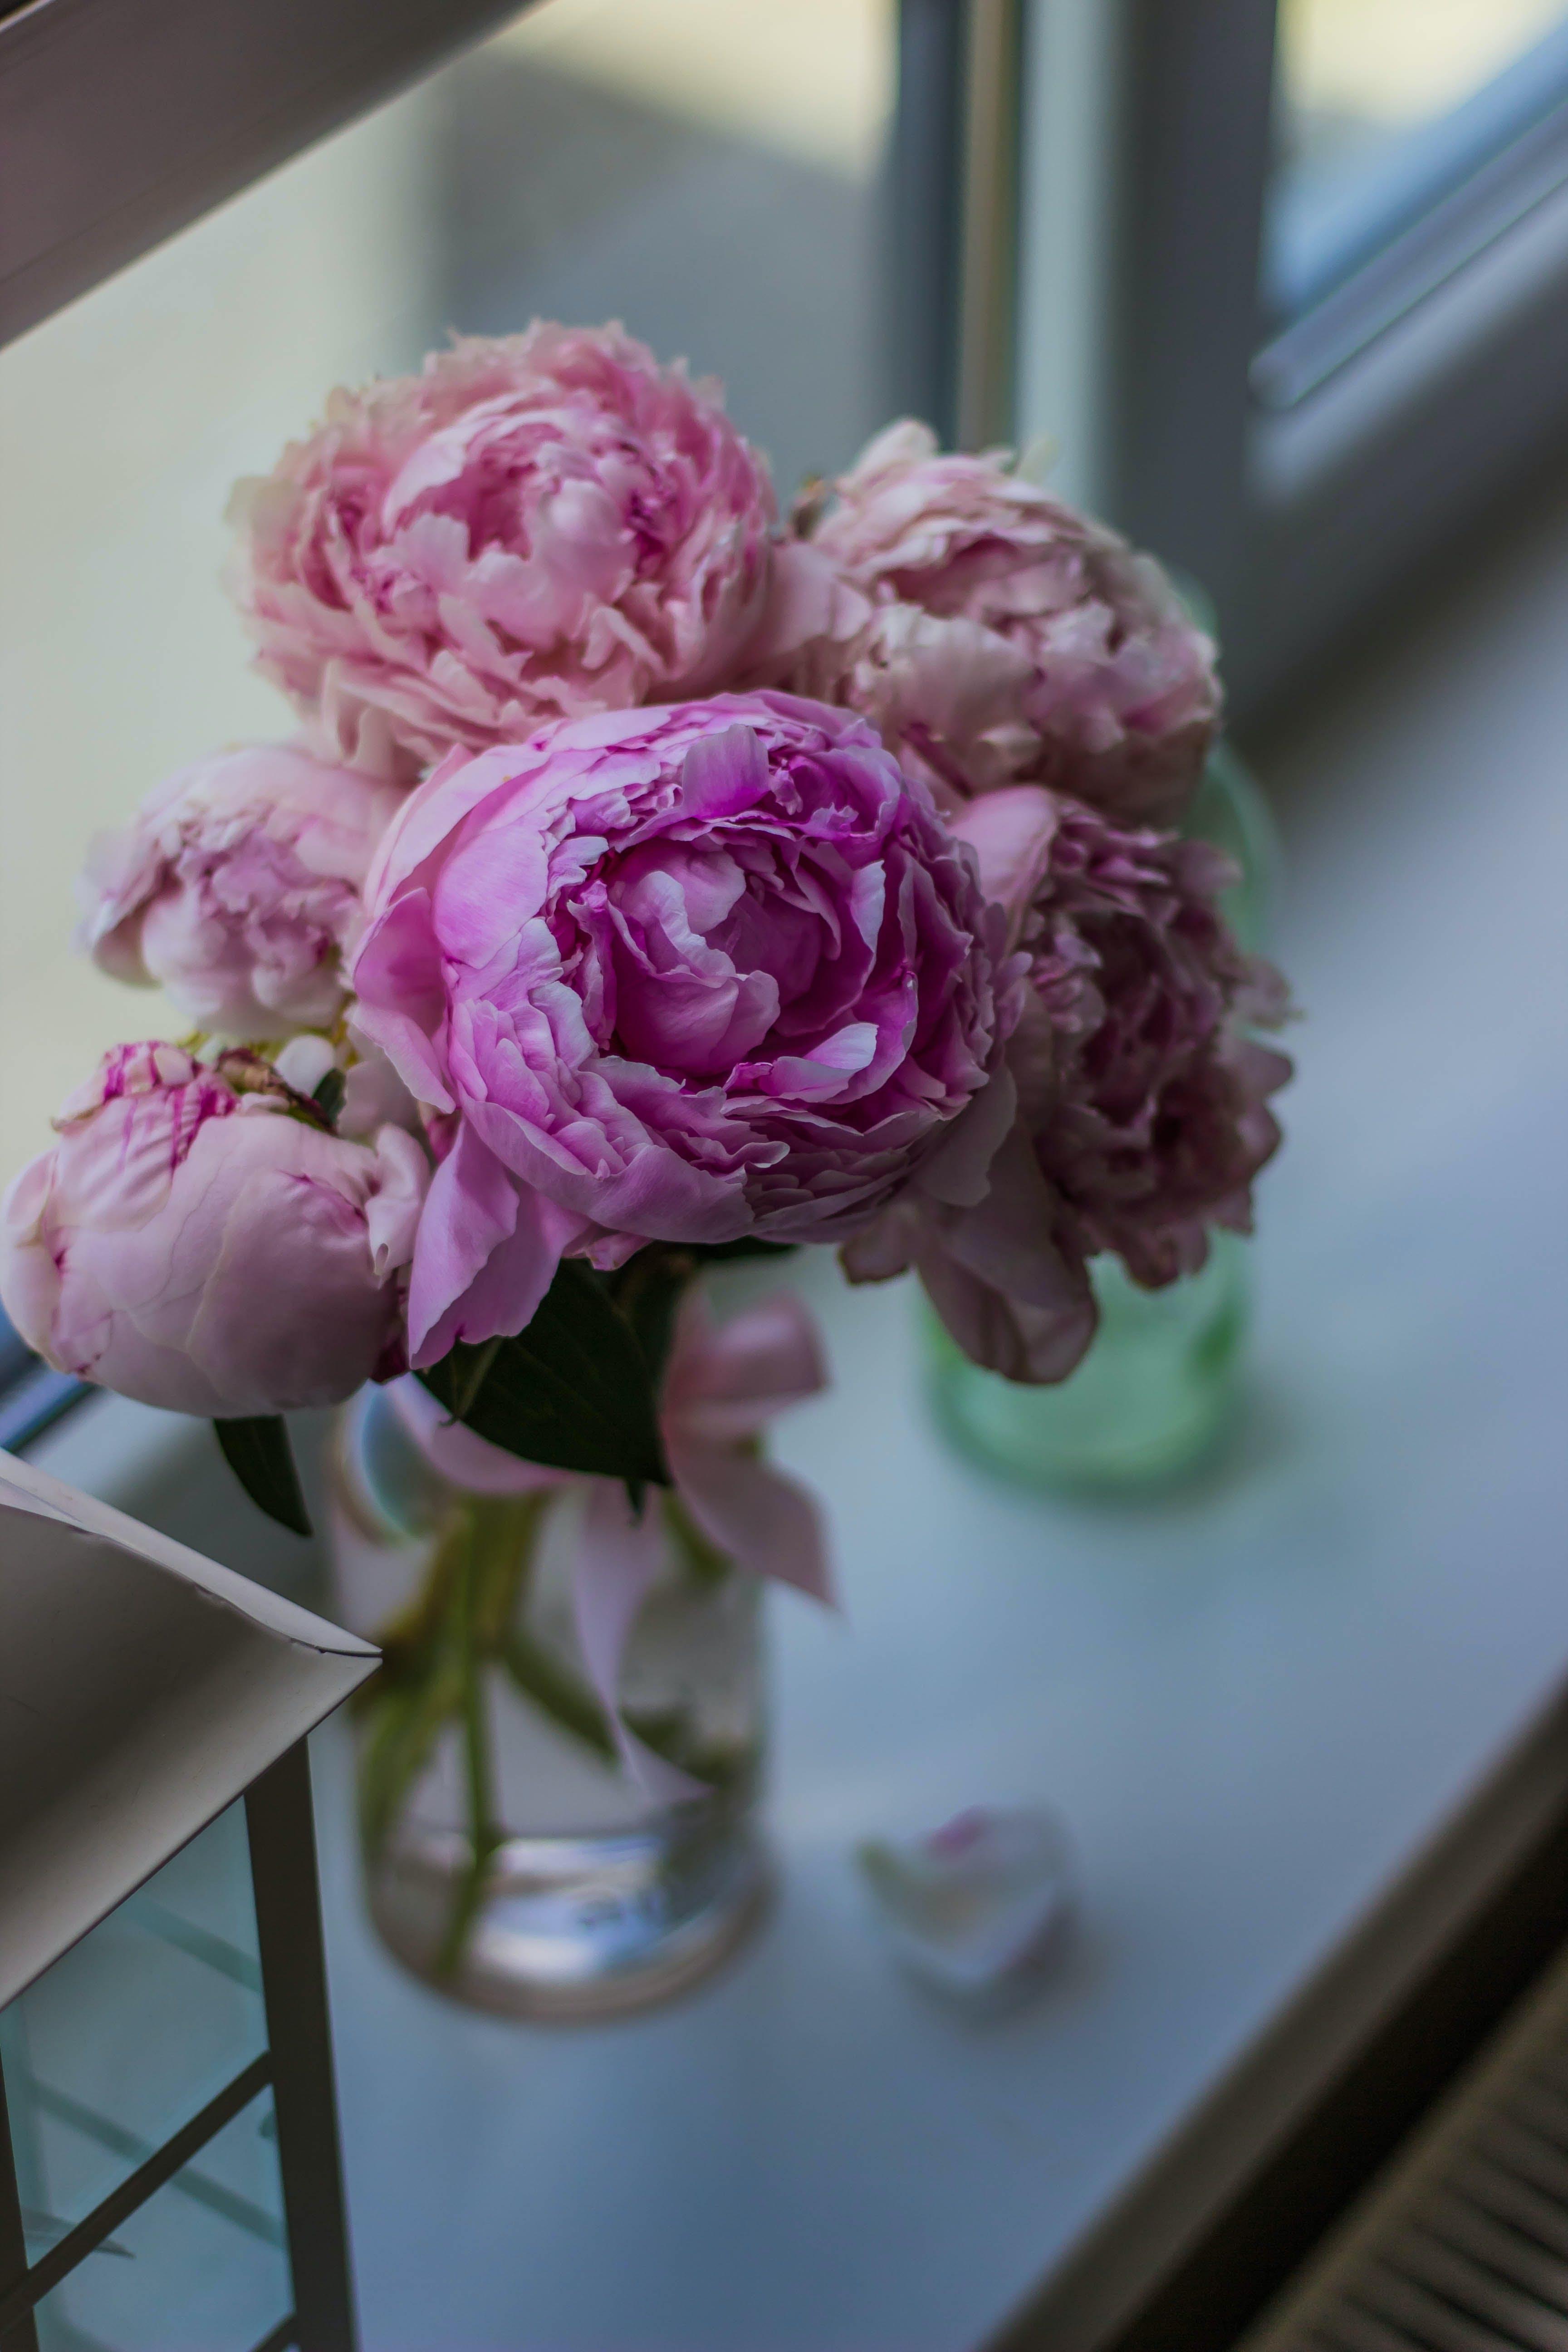 ぼかし, フォーカス, フラワーズ, 咲くの無料の写真素材